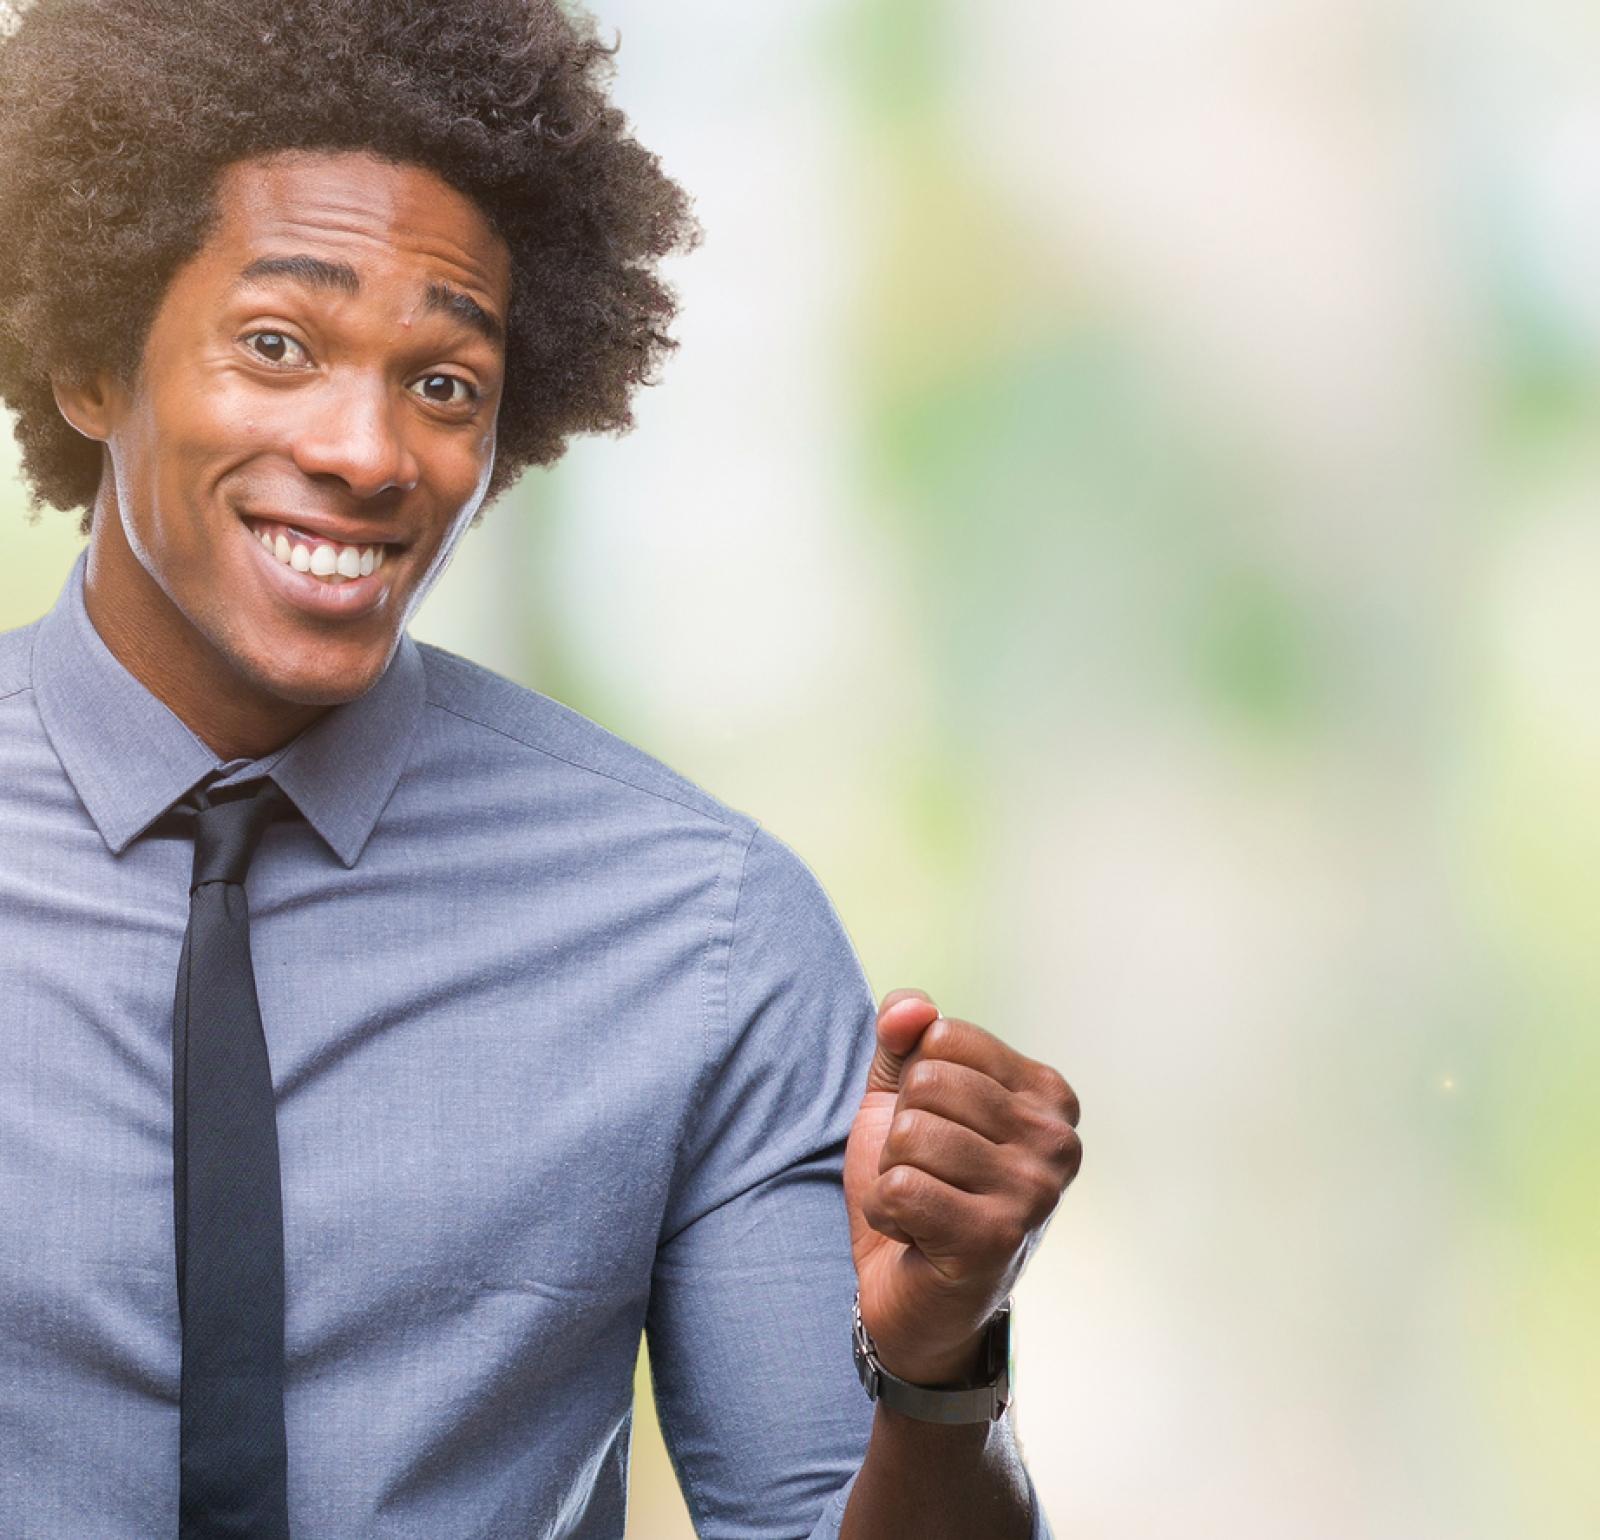 Soddisfazione e disagio al lavoro. Essere positivi.